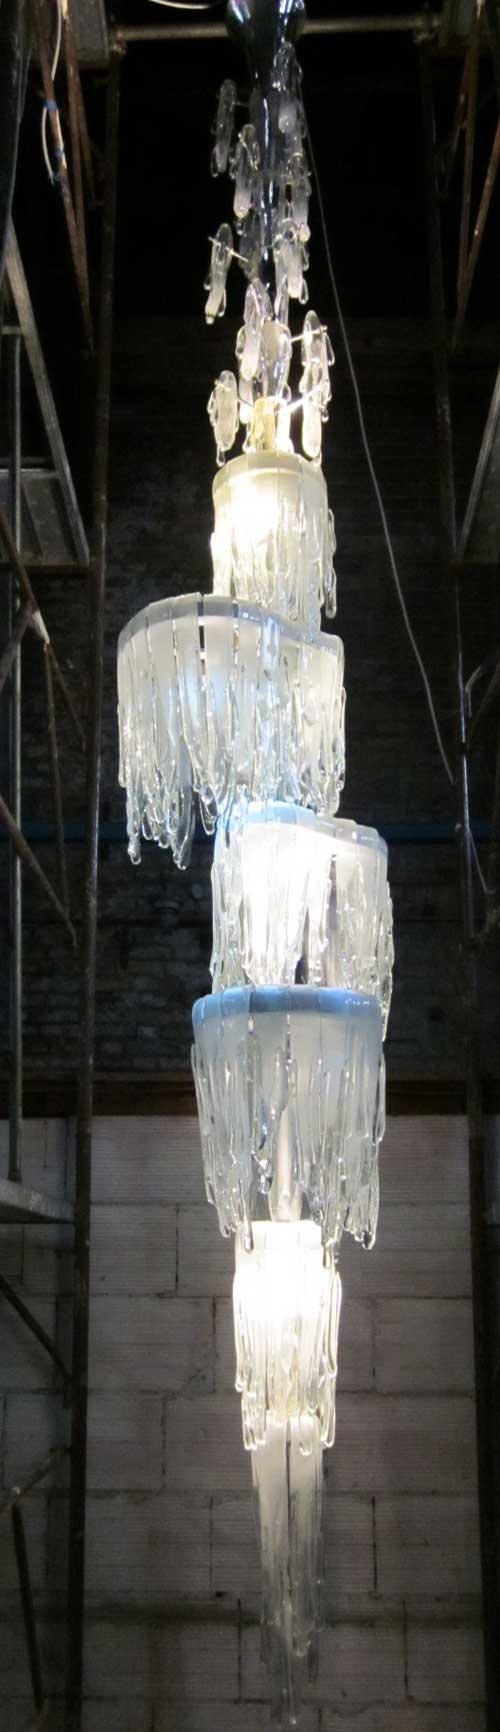 CATARATA.. obra de mi amigo Aristide Najean,  autor de grandes creaciones con cristal de Murano.